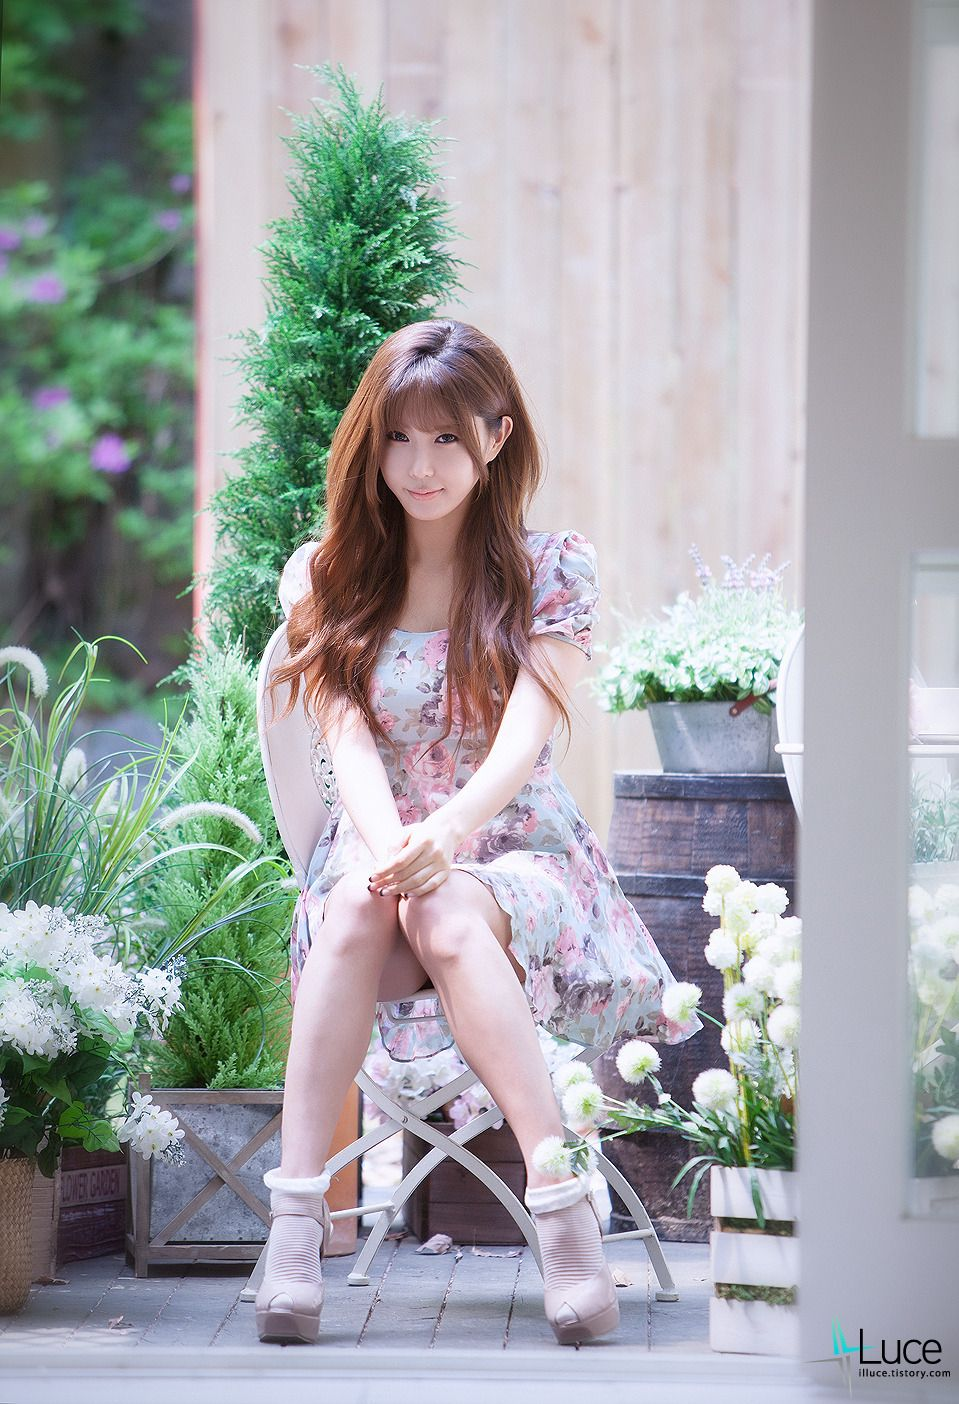 xxx nude girls: Heo Yun Mi - Denim Shorts